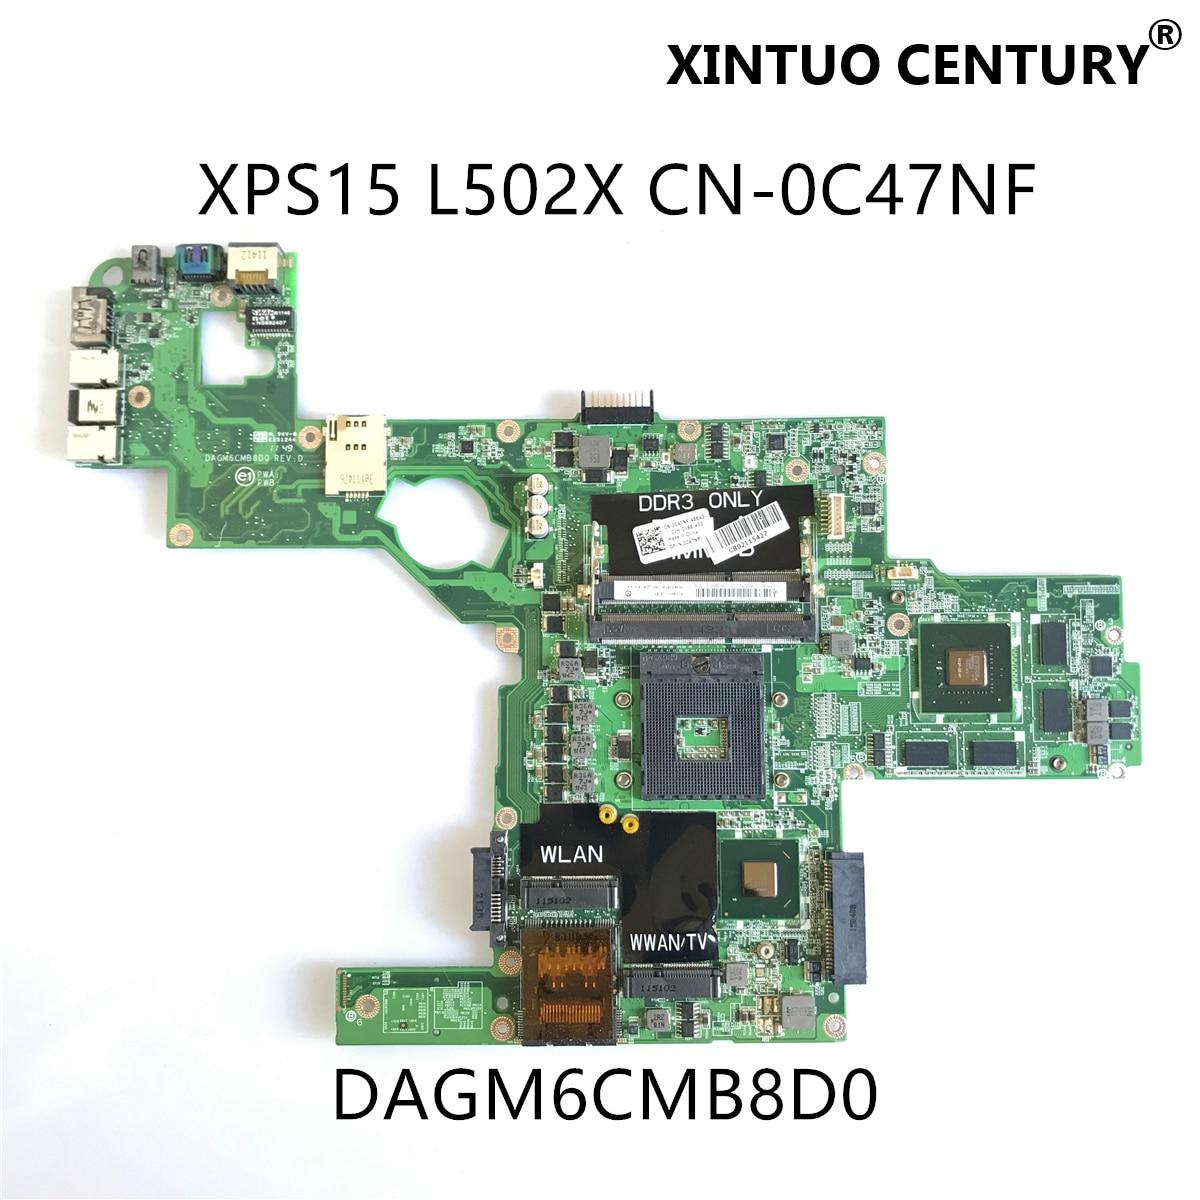 CN-0C47NF 0C47NF C47NF для Dell XPS 15 L502X Материнская плата ноутбука DAGM6CMB8D0 N12P-GE-A1 GT525M видеокарта 1 ГБ 100% тестирование работы